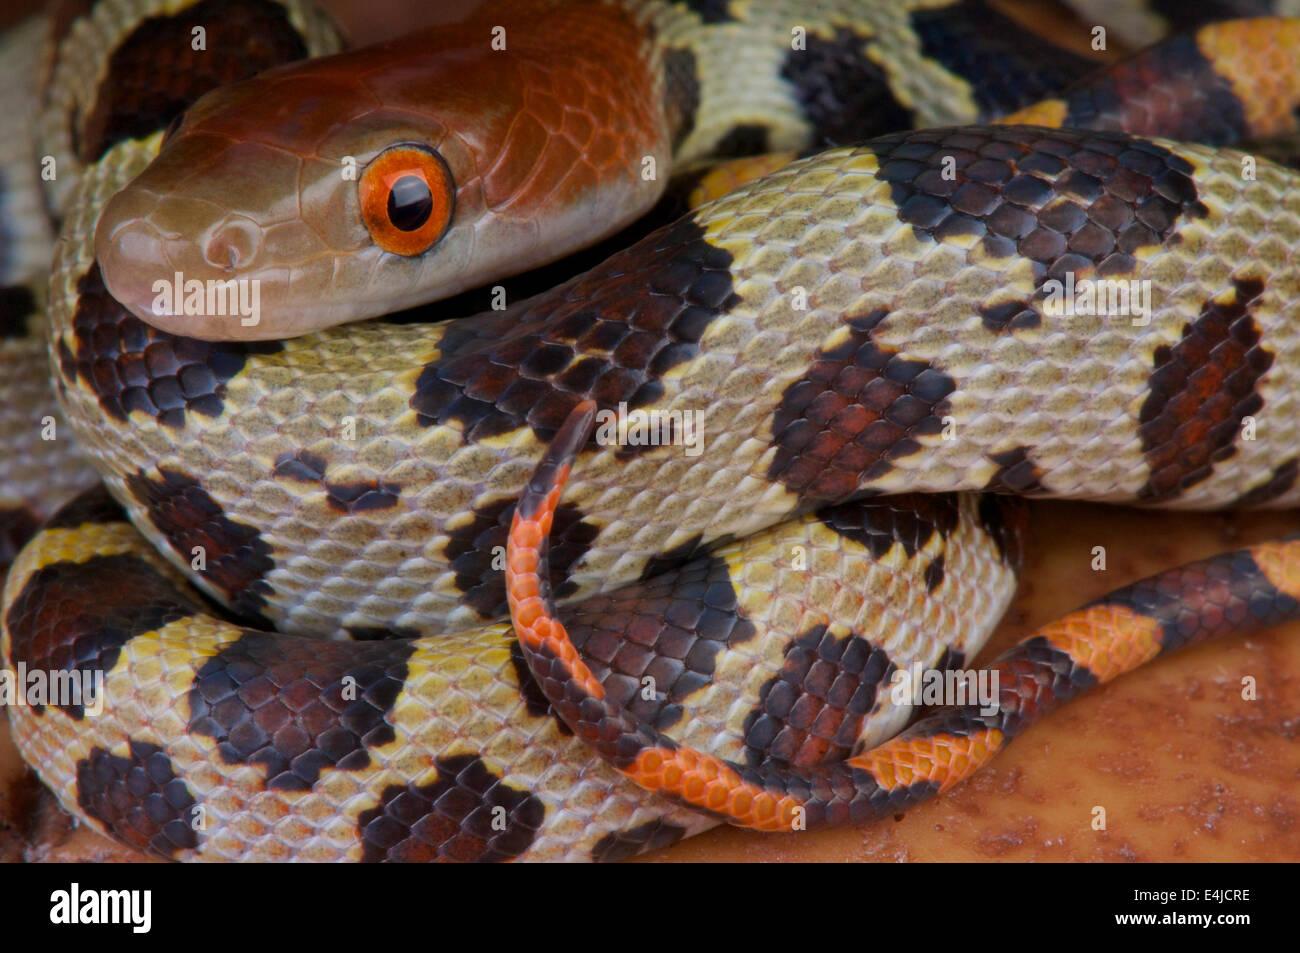 Hundred flower snake / Elaphe moellendorffi - Stock Image